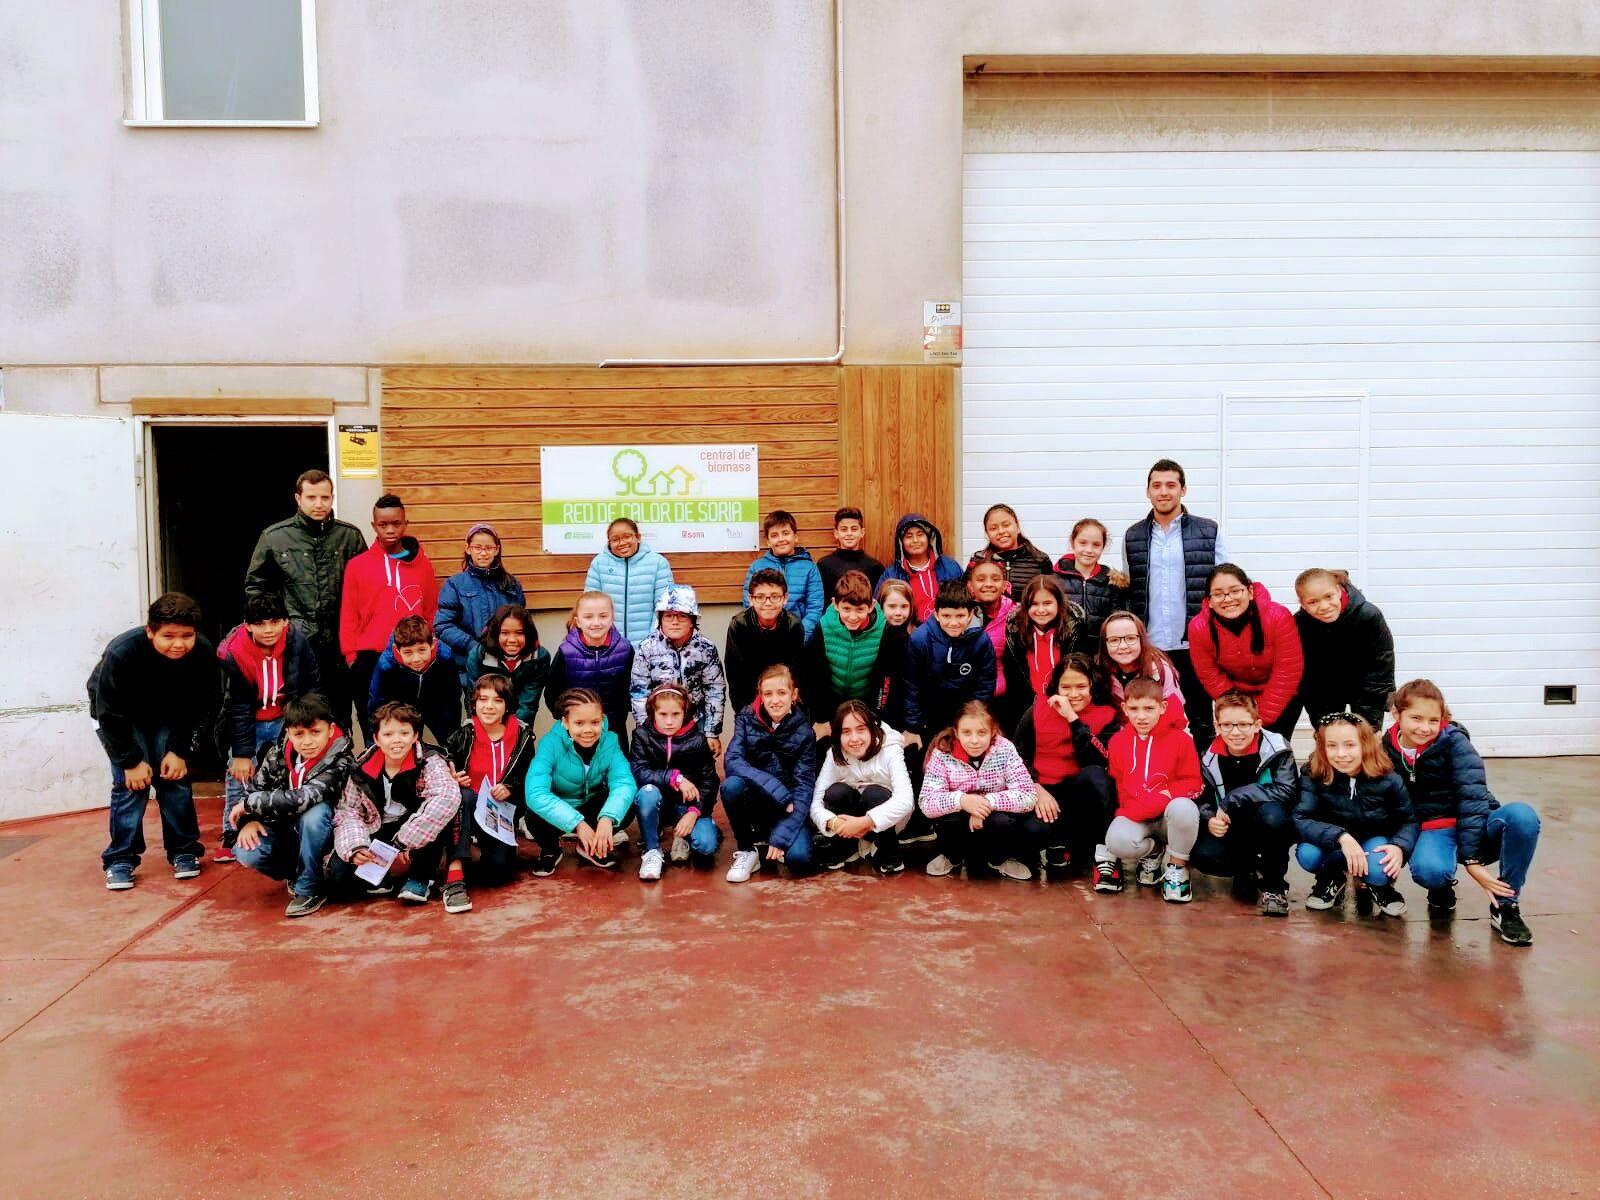 Los alumnos de 5º de Educación Primaria del colegio Trilema Soria visitan la central térmica